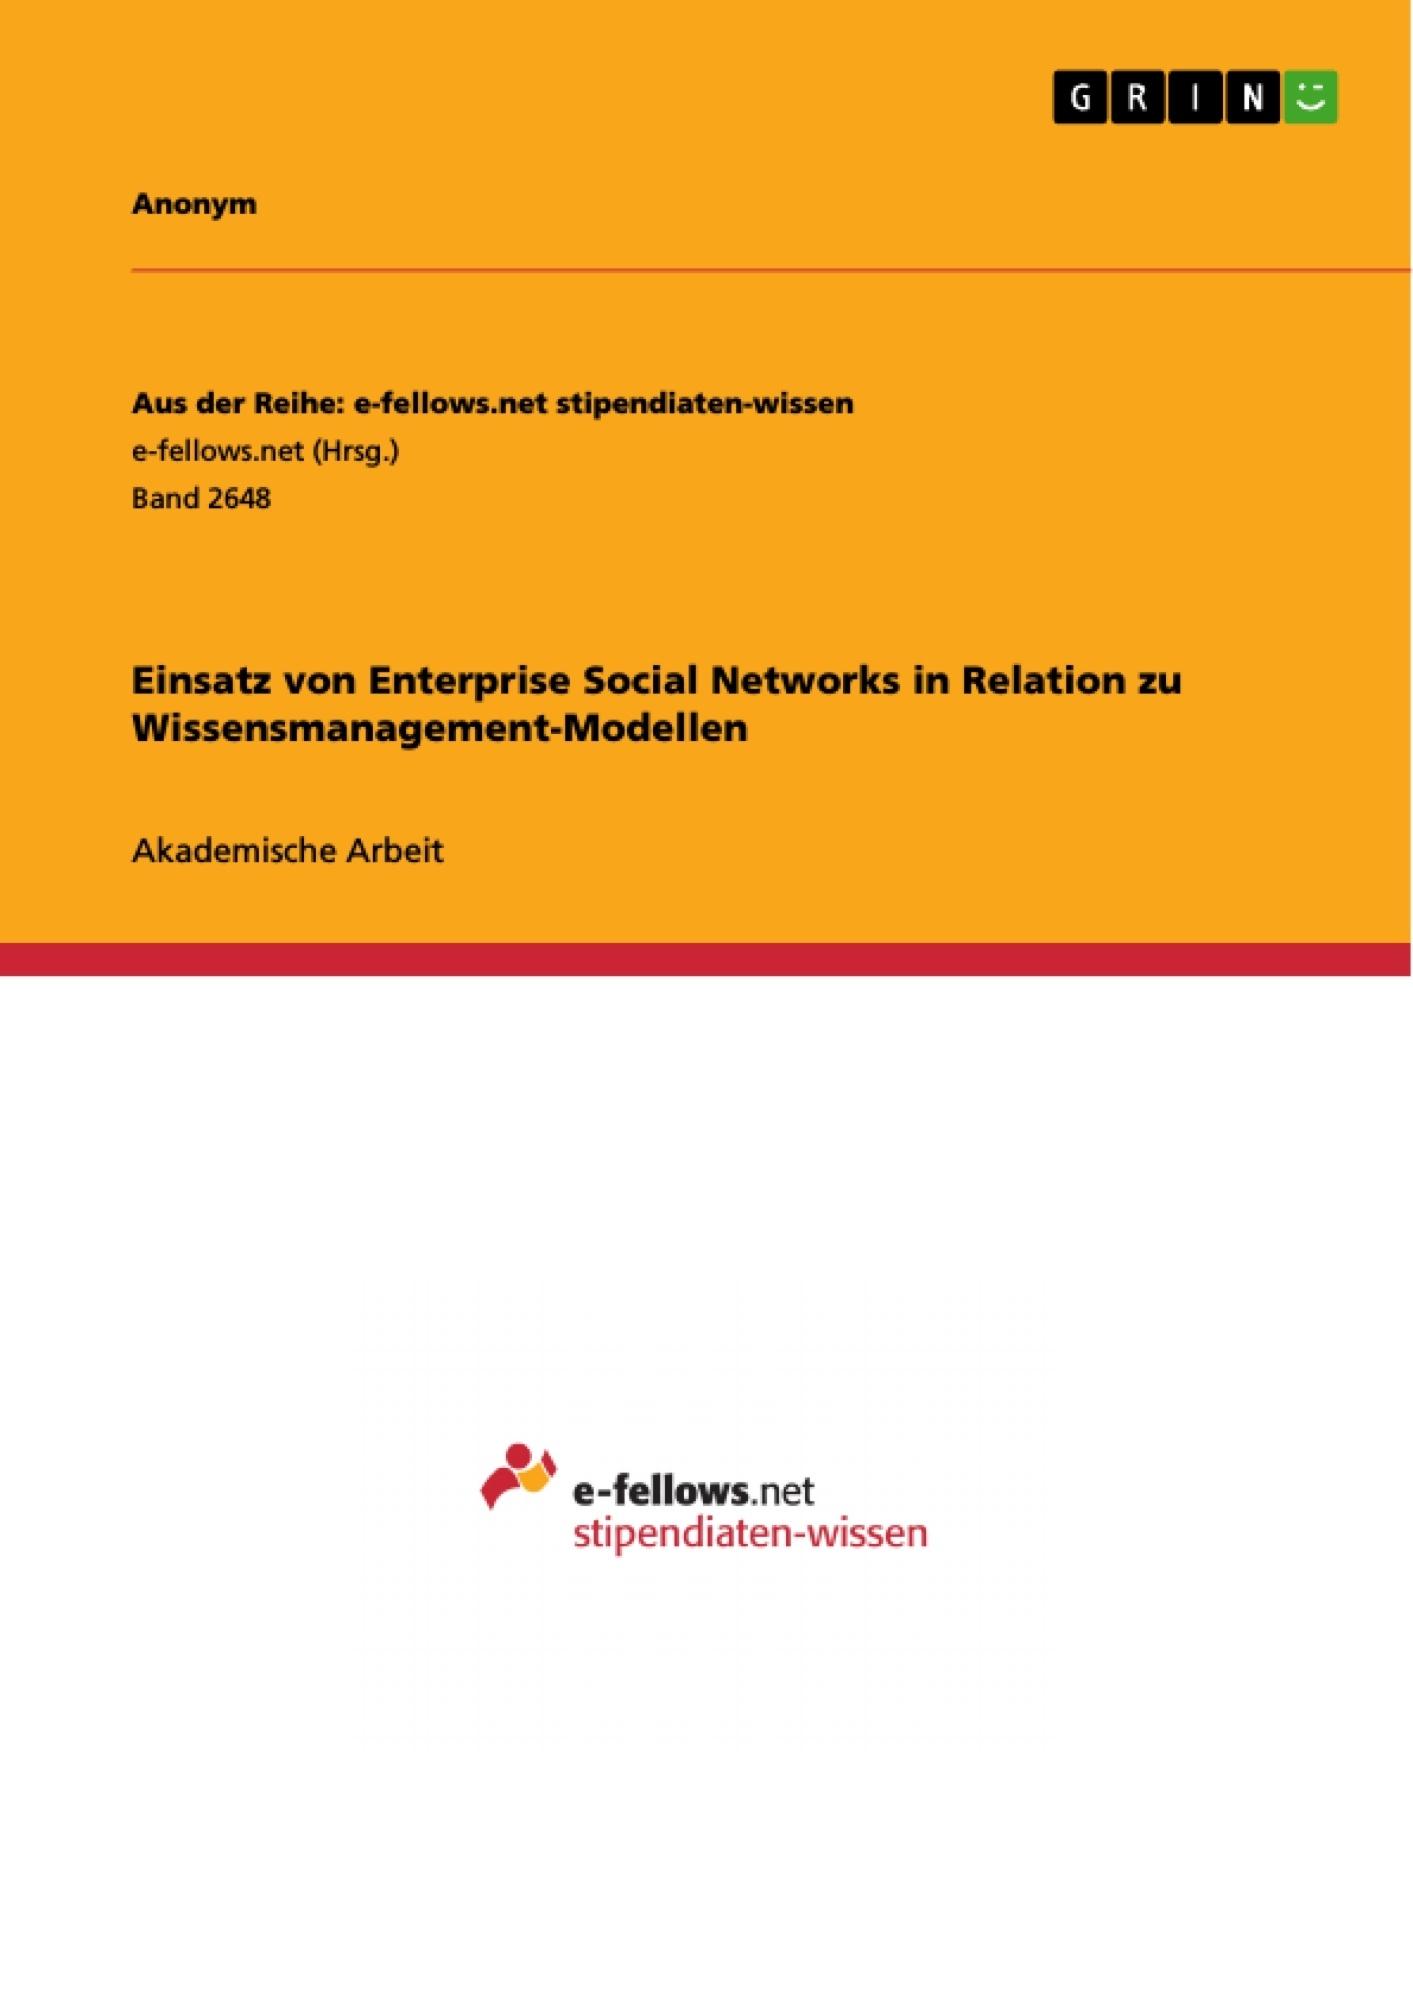 Titel: Einsatz von Enterprise Social Networks in Relation zu Wissensmanagement-Modellen